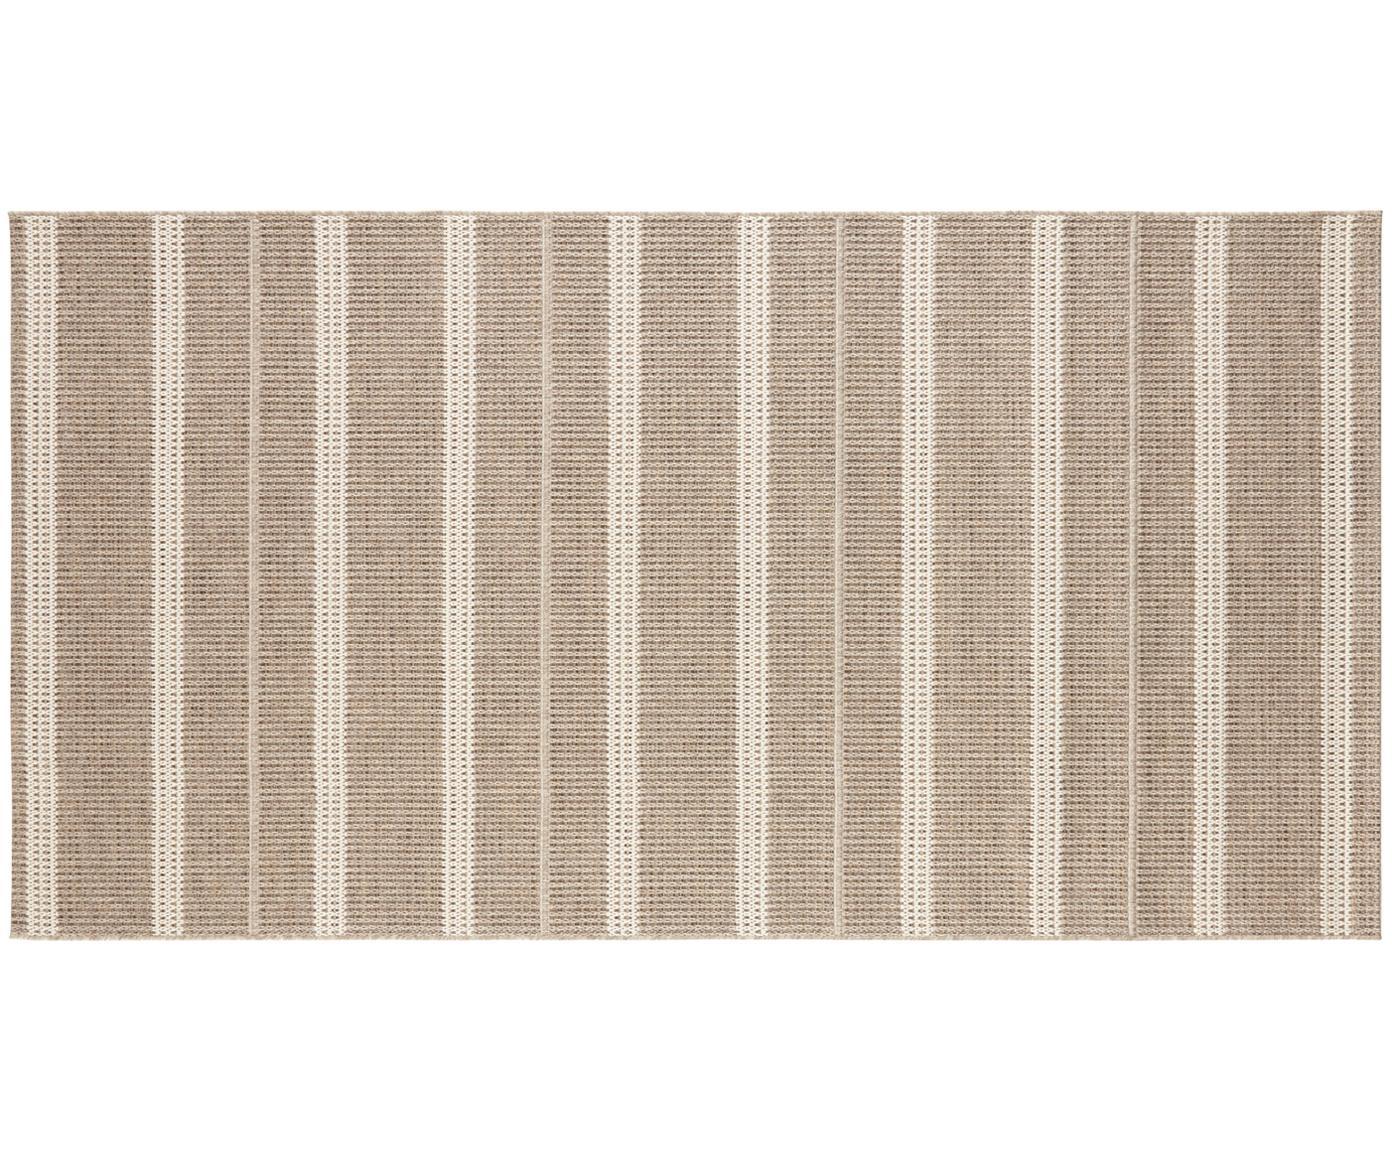 Tappeto reversibile da interno-esterno Laon, 100% polipropilene, Marrone, beige, Larg. 80 x Lung. 150 cm (taglia XS)